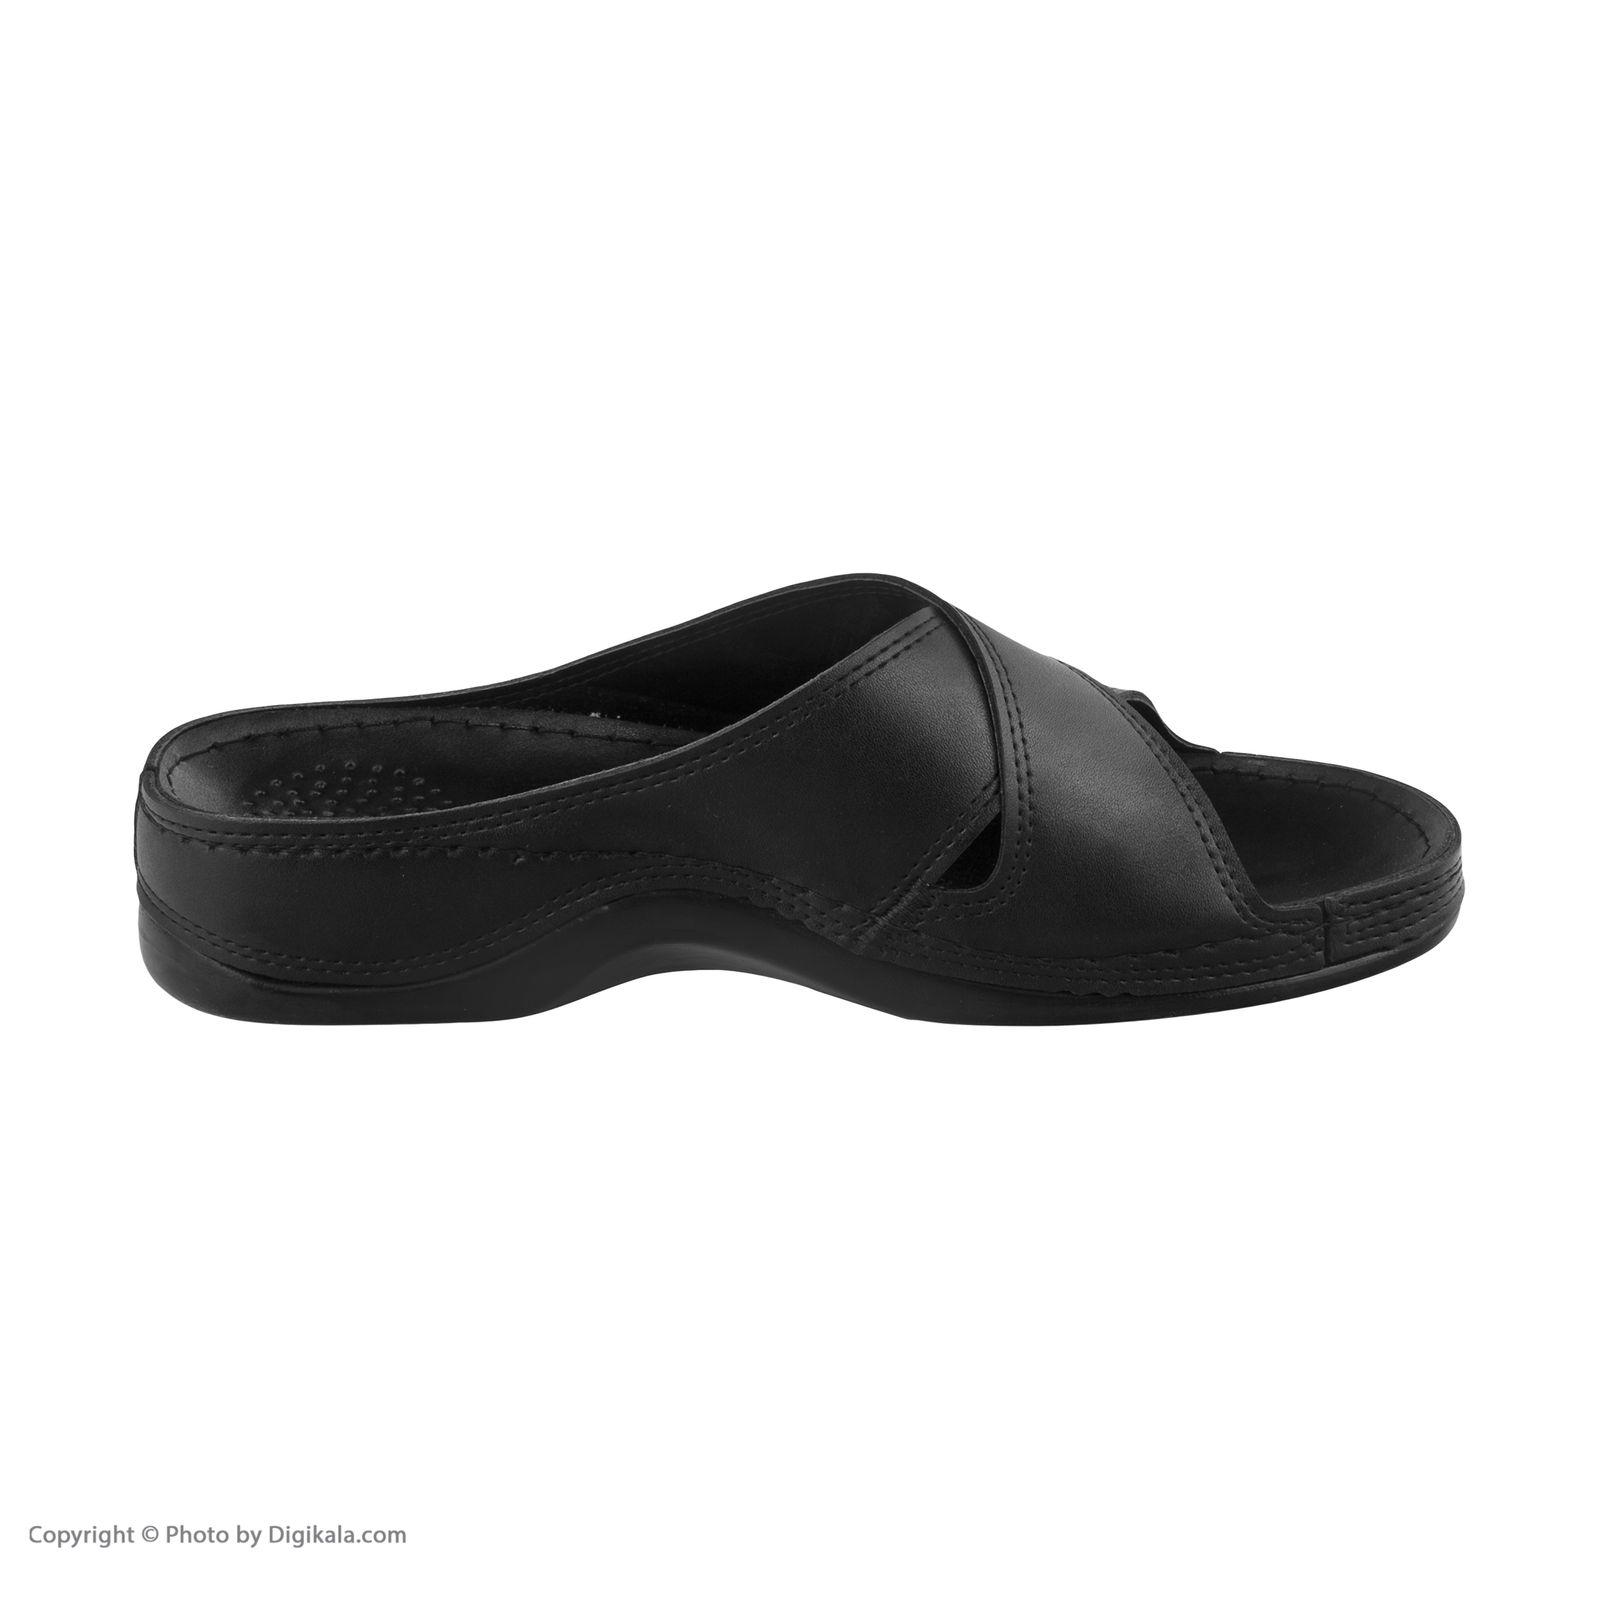 دمپایی زنانه کفش آویده کد av-0304501 رنگ مشکی -  - 6